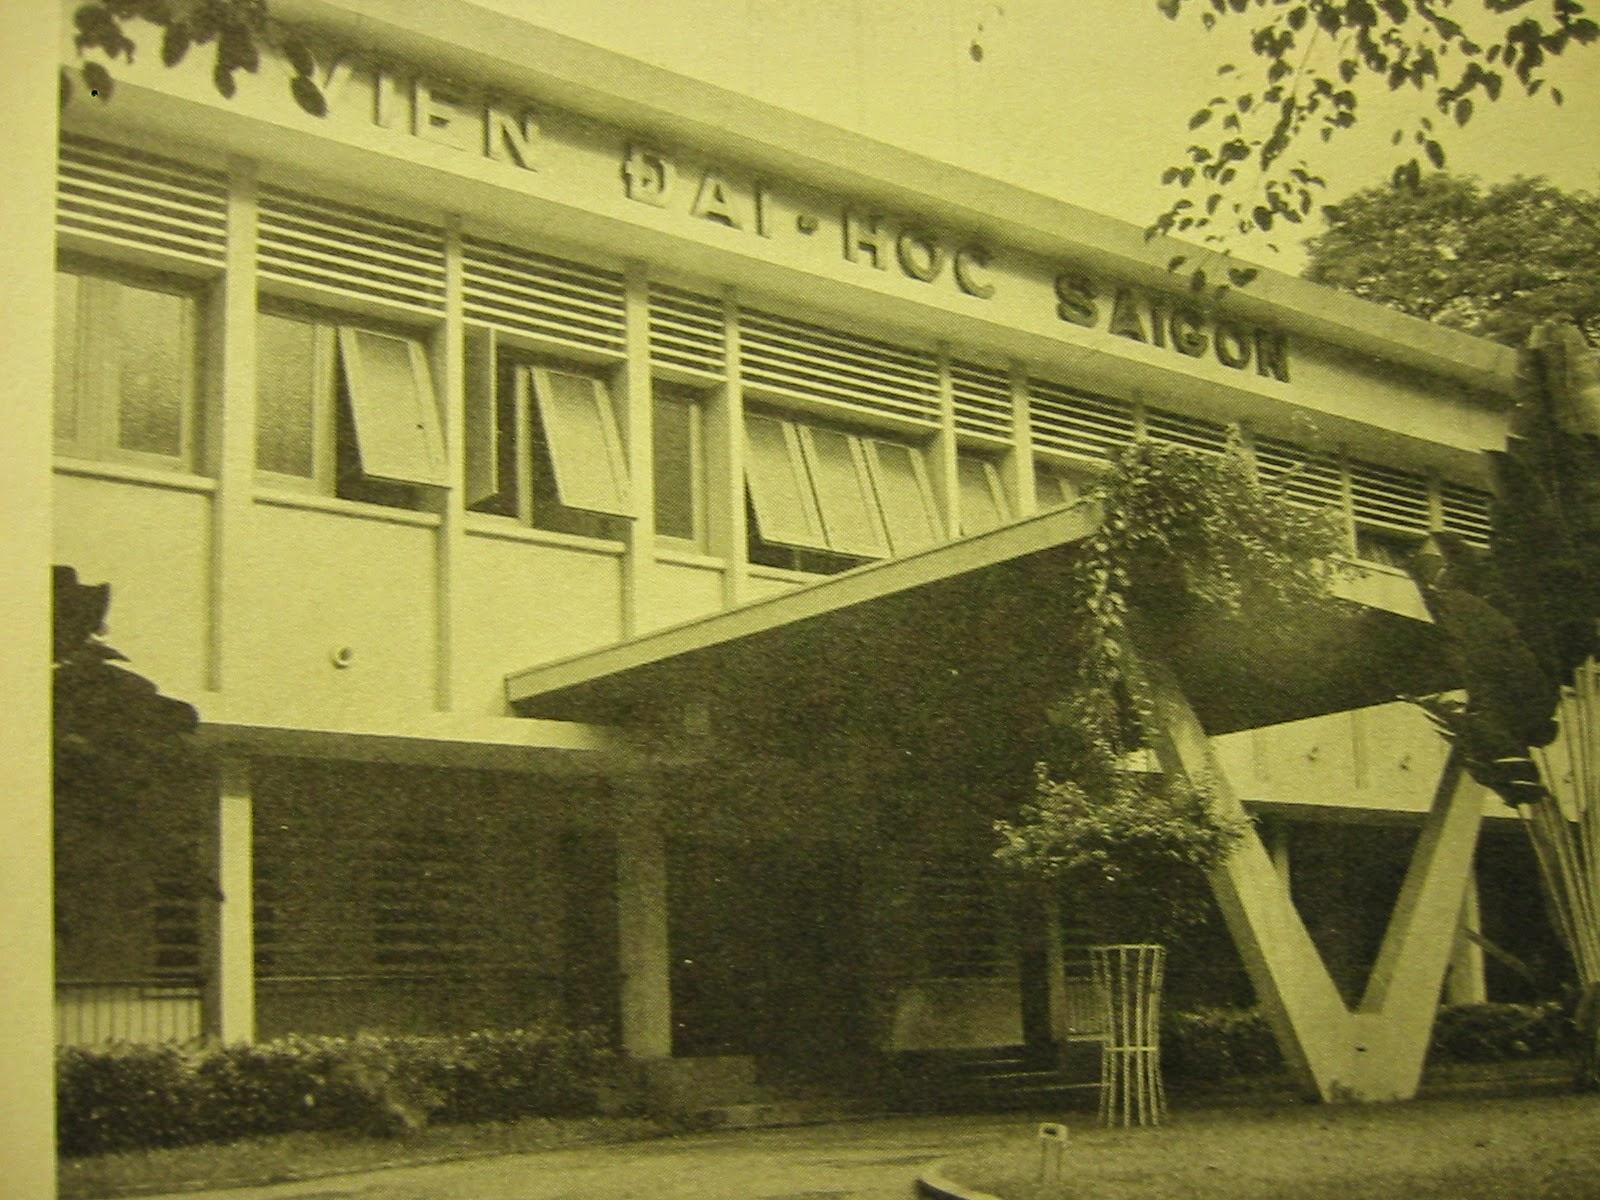 Một trải nghiệm về dạy và học môn Việt văn ở Miền Nam trước 1975